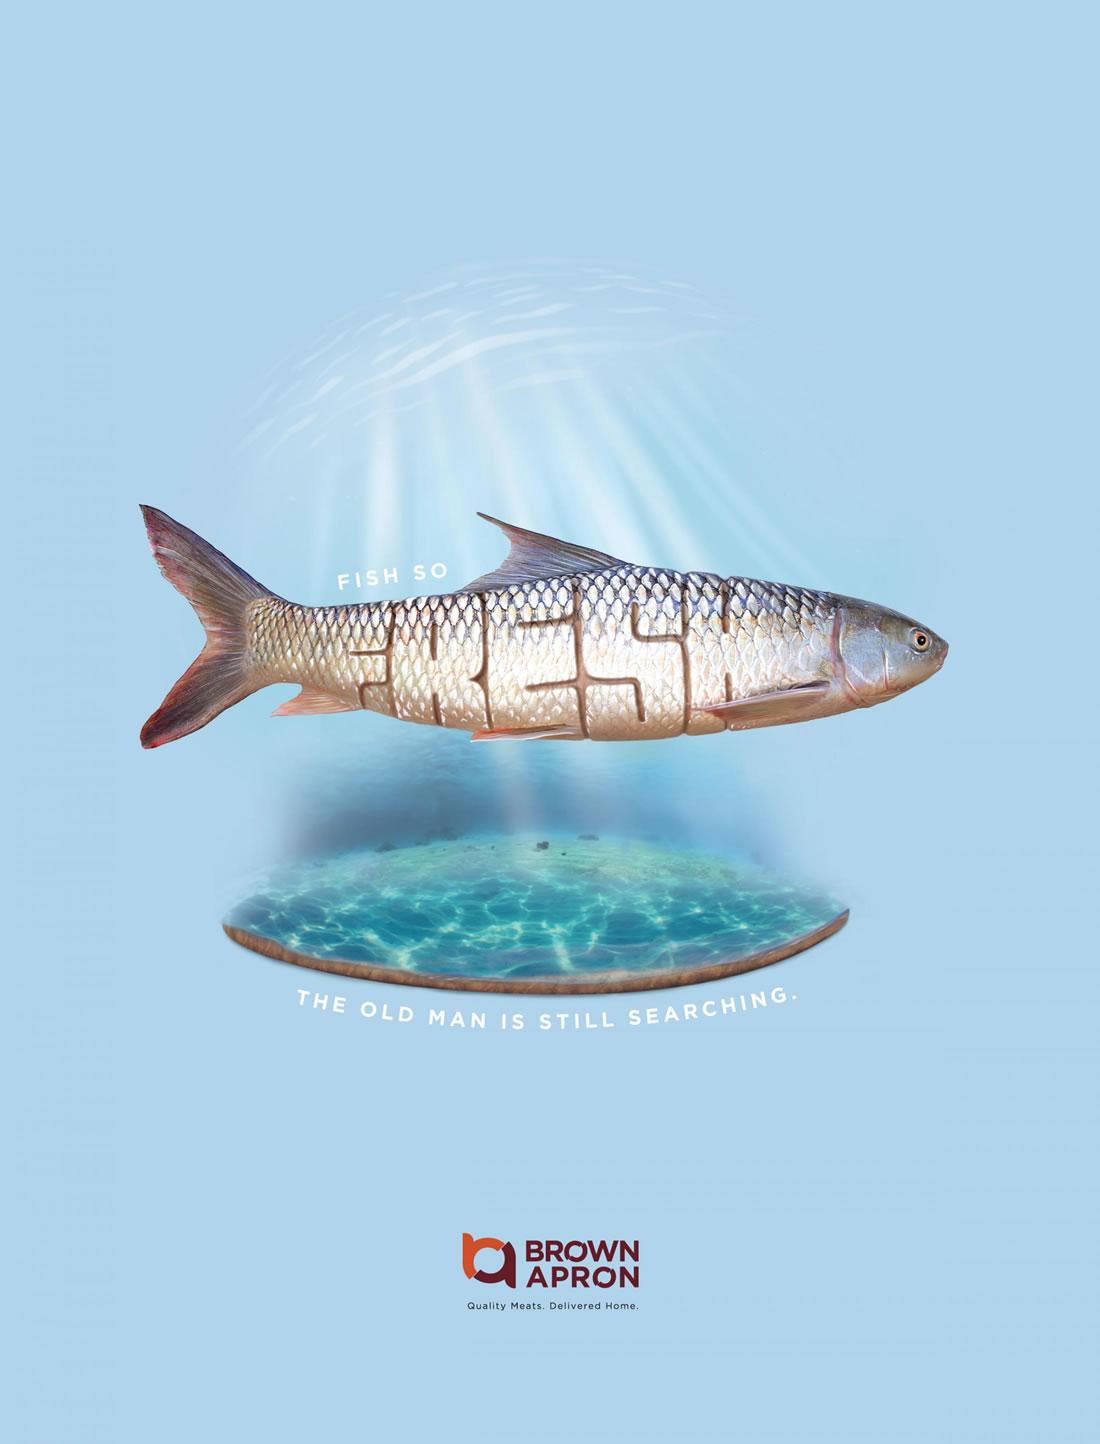 Inspiration - 130 Affiches Publicitaires Graphiques de Mars 2018 47